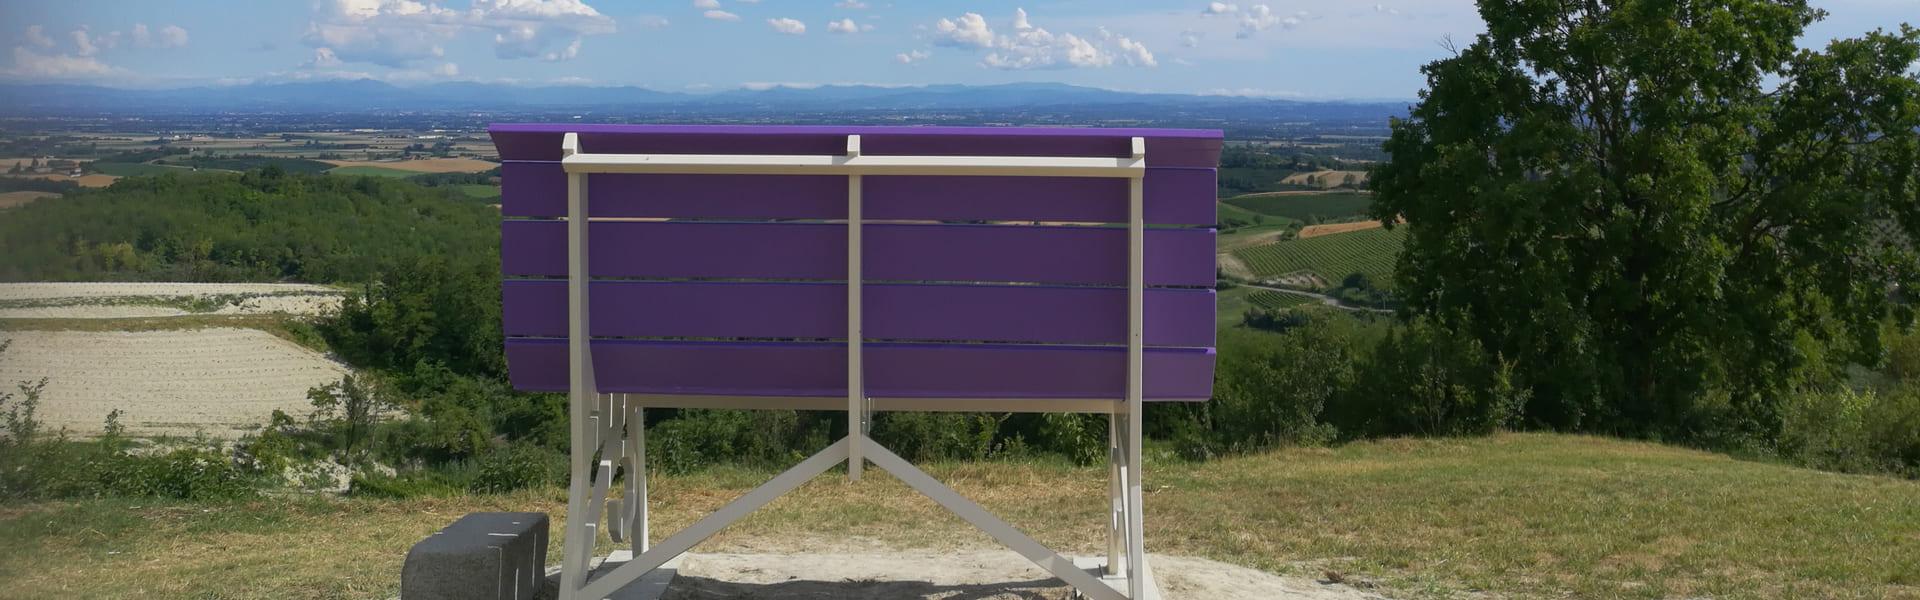 big-bench-cuccaro-monferrato